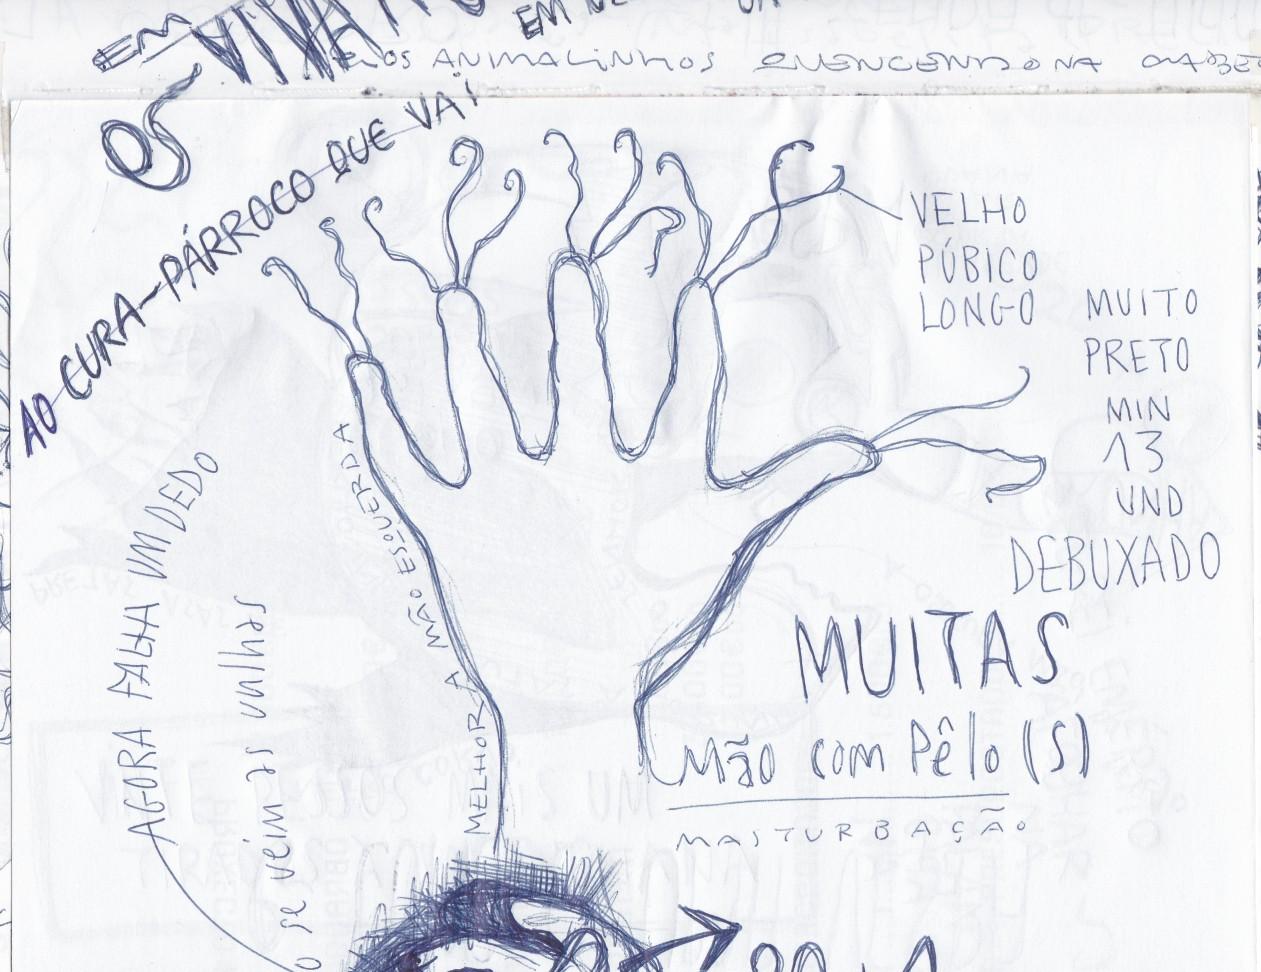 Ladislau da Regueira - Doxografia da'xistência - Vinte pesos mais um tirados à palangana - Anotação Gráfica 5 (2015)